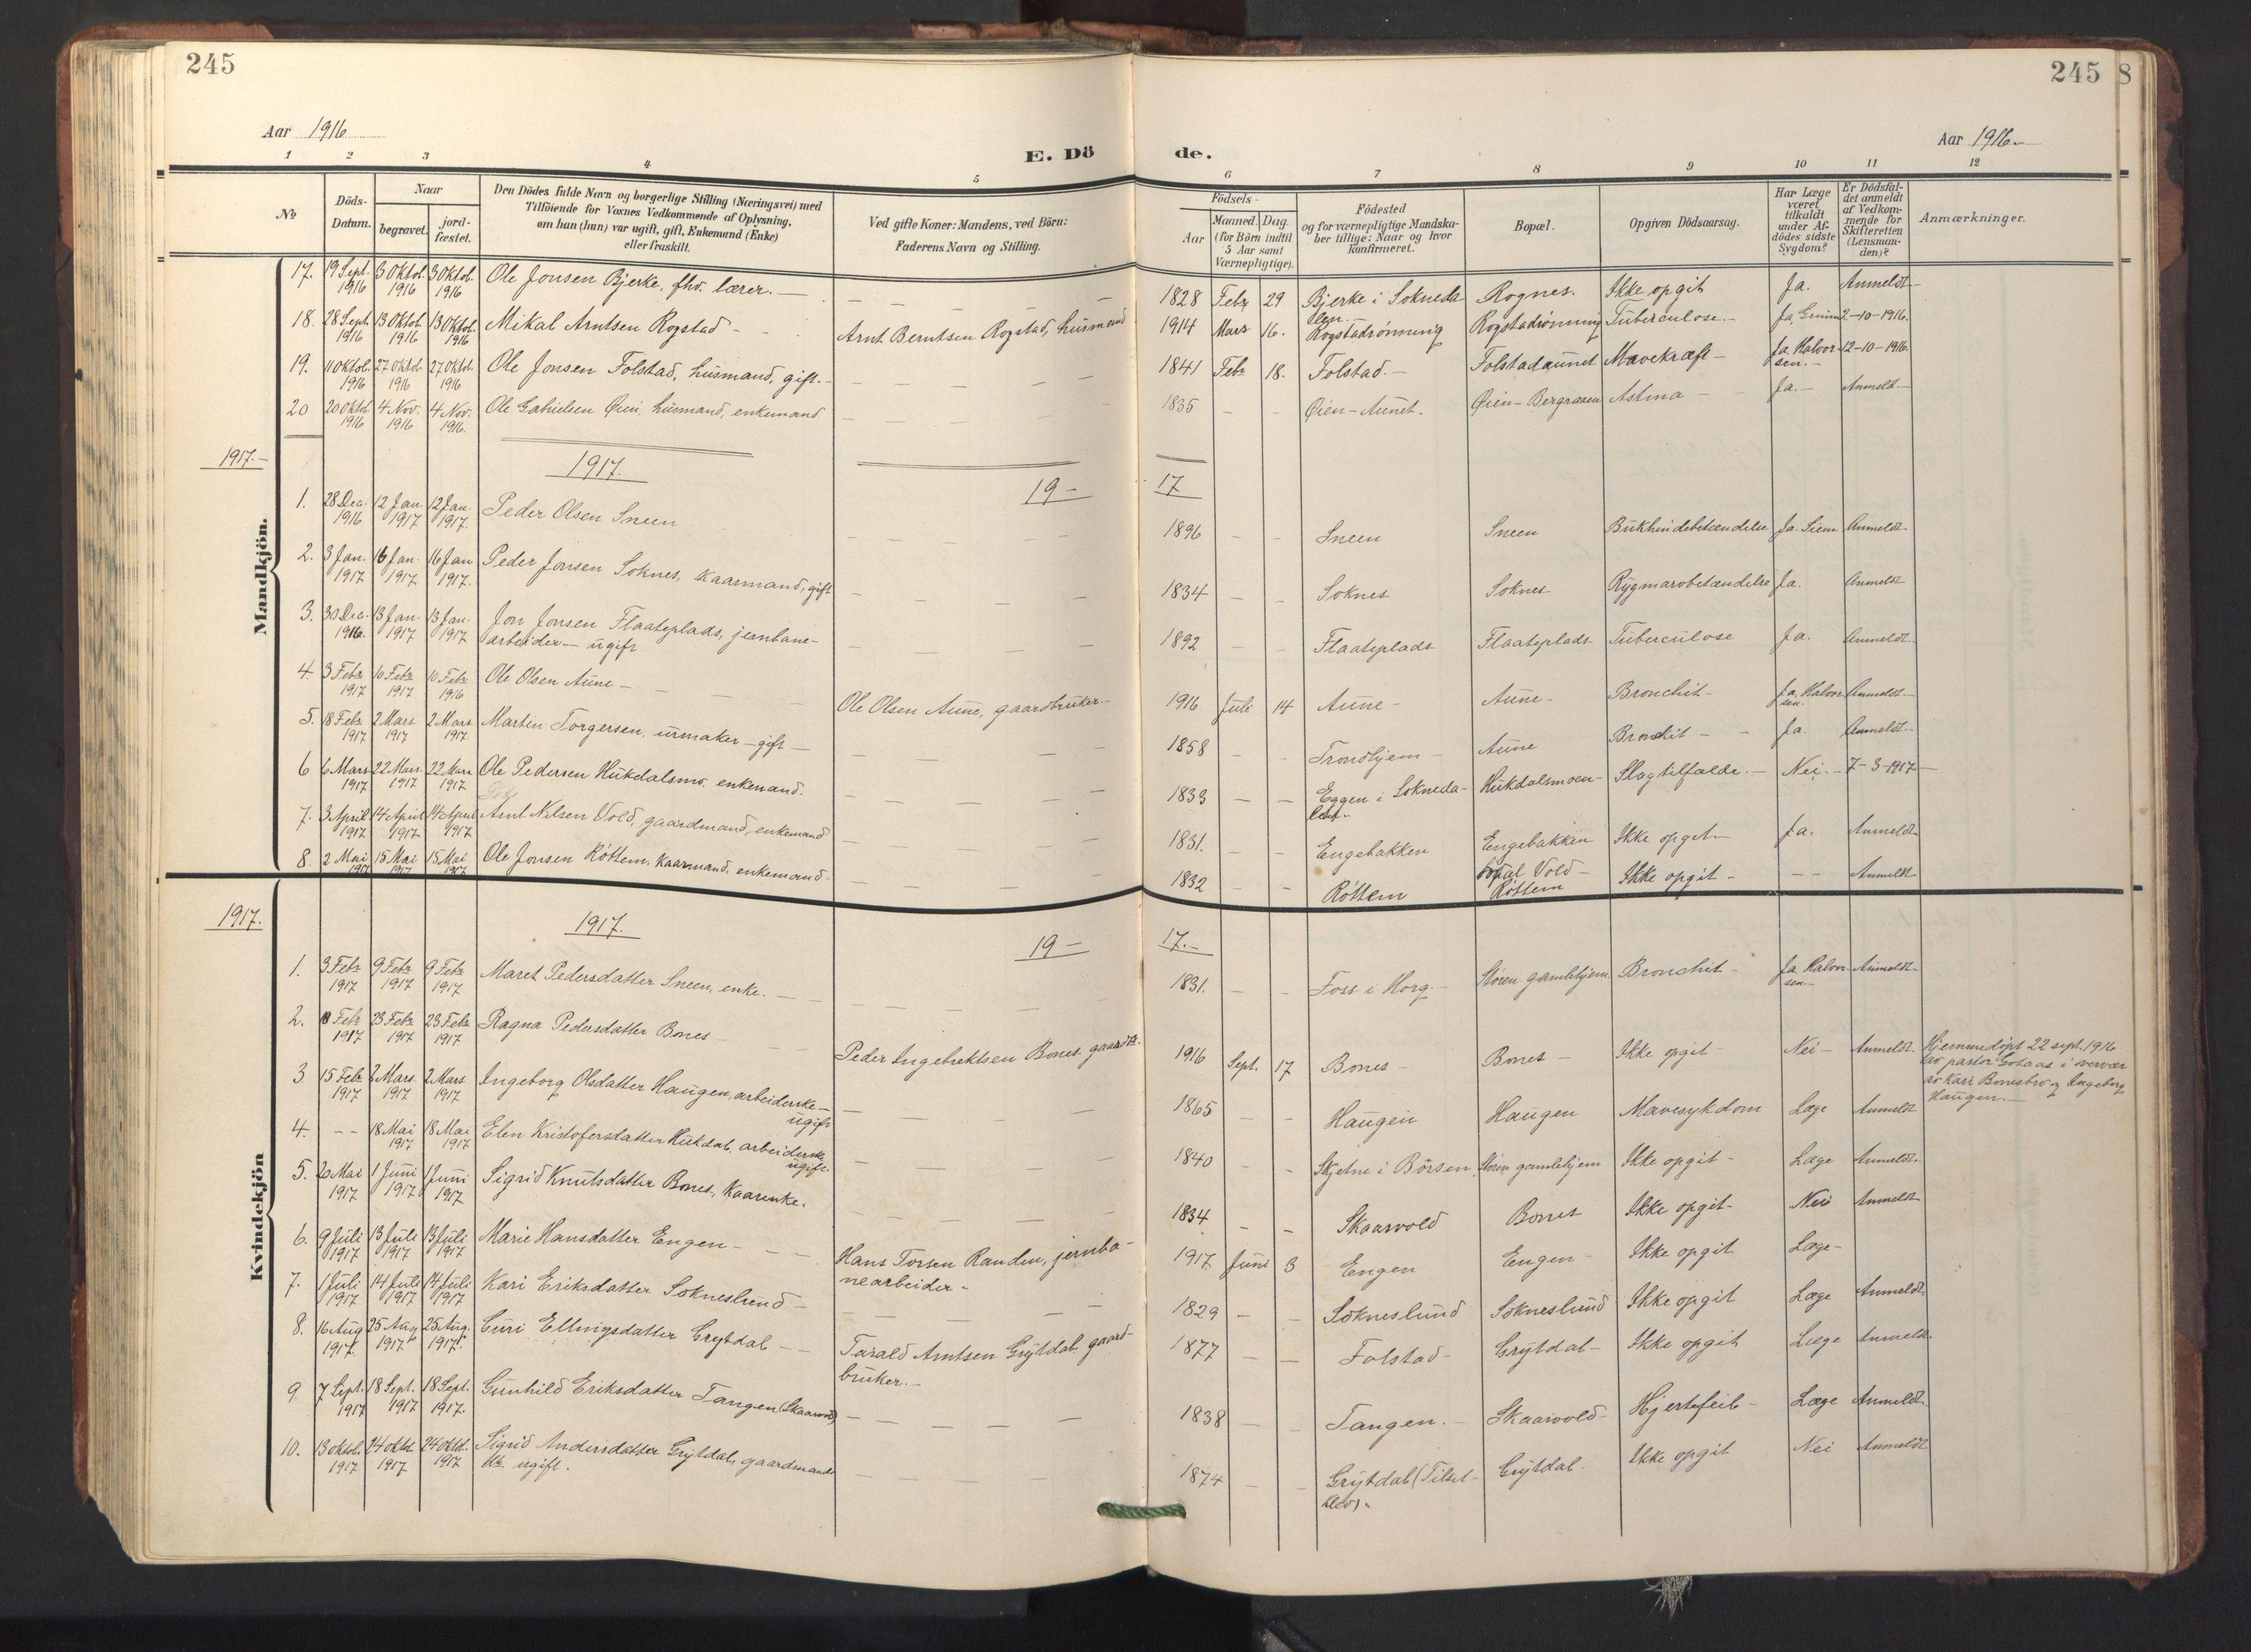 SAT, Ministerialprotokoller, klokkerbøker og fødselsregistre - Sør-Trøndelag, 687/L1019: Klokkerbok nr. 687C03, 1904-1931, s. 245